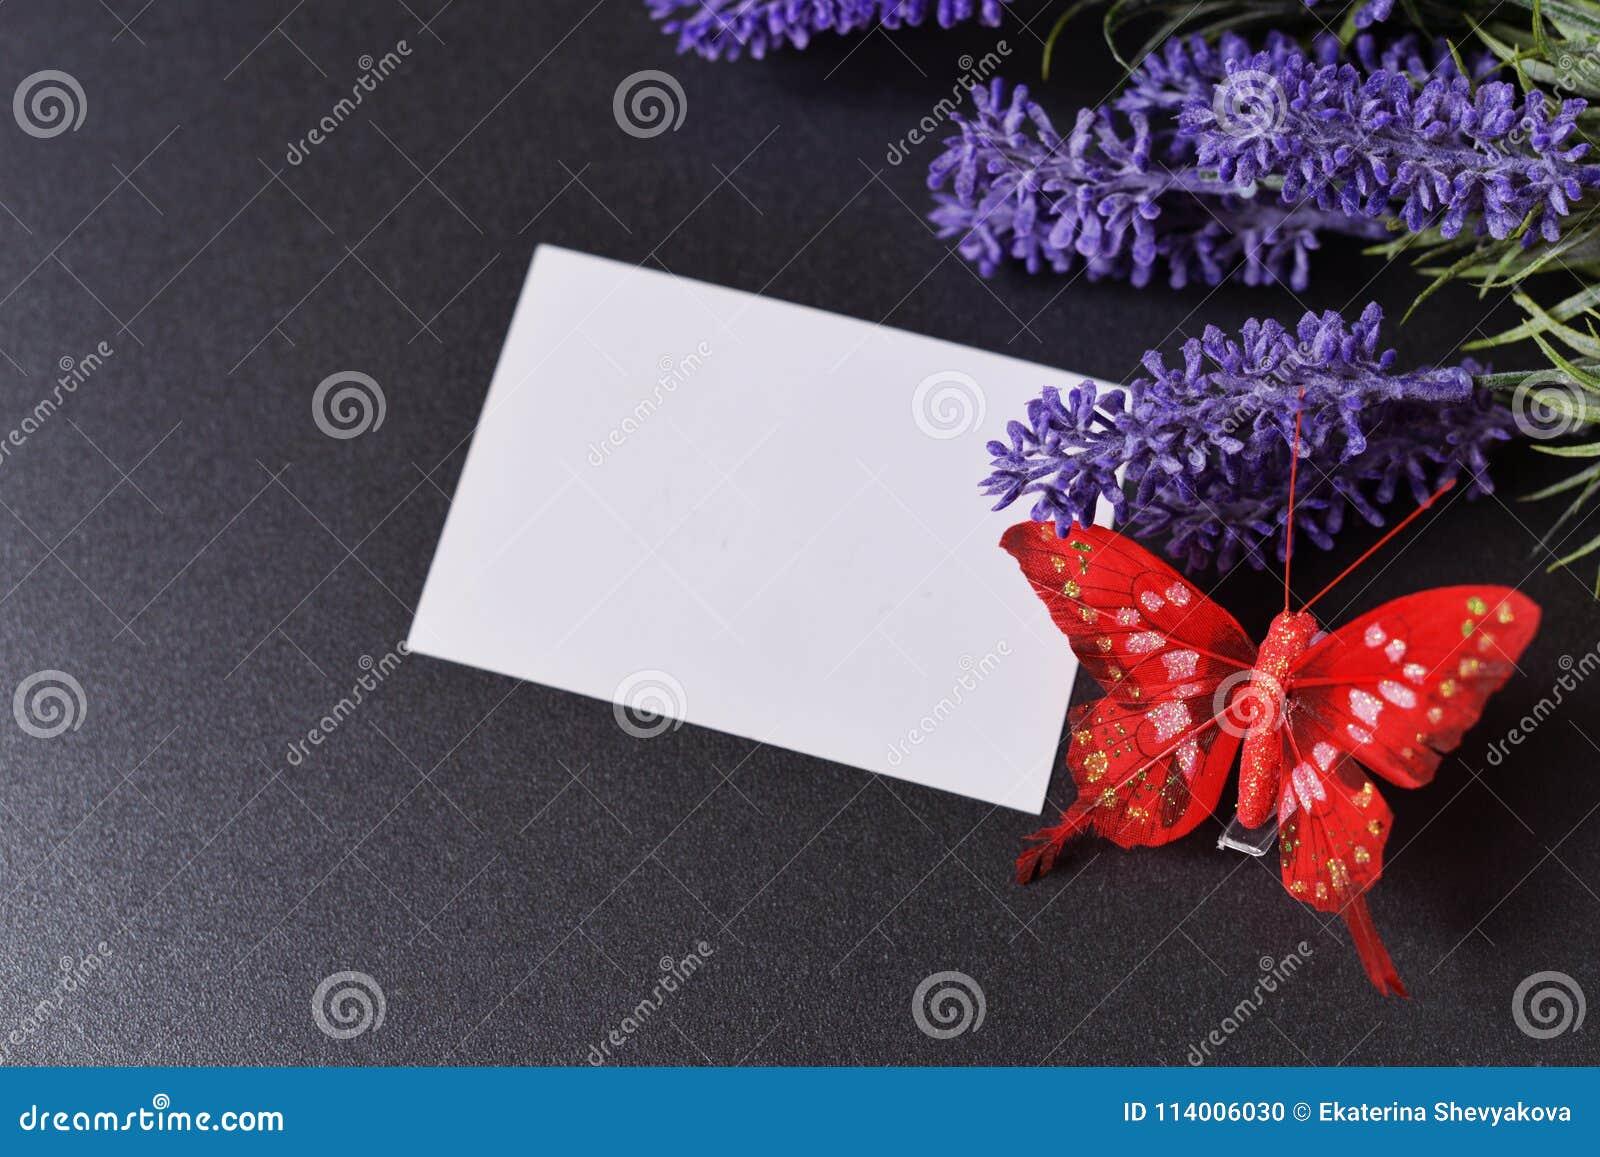 Летний букет подарок цветы с надписью люблю доставка